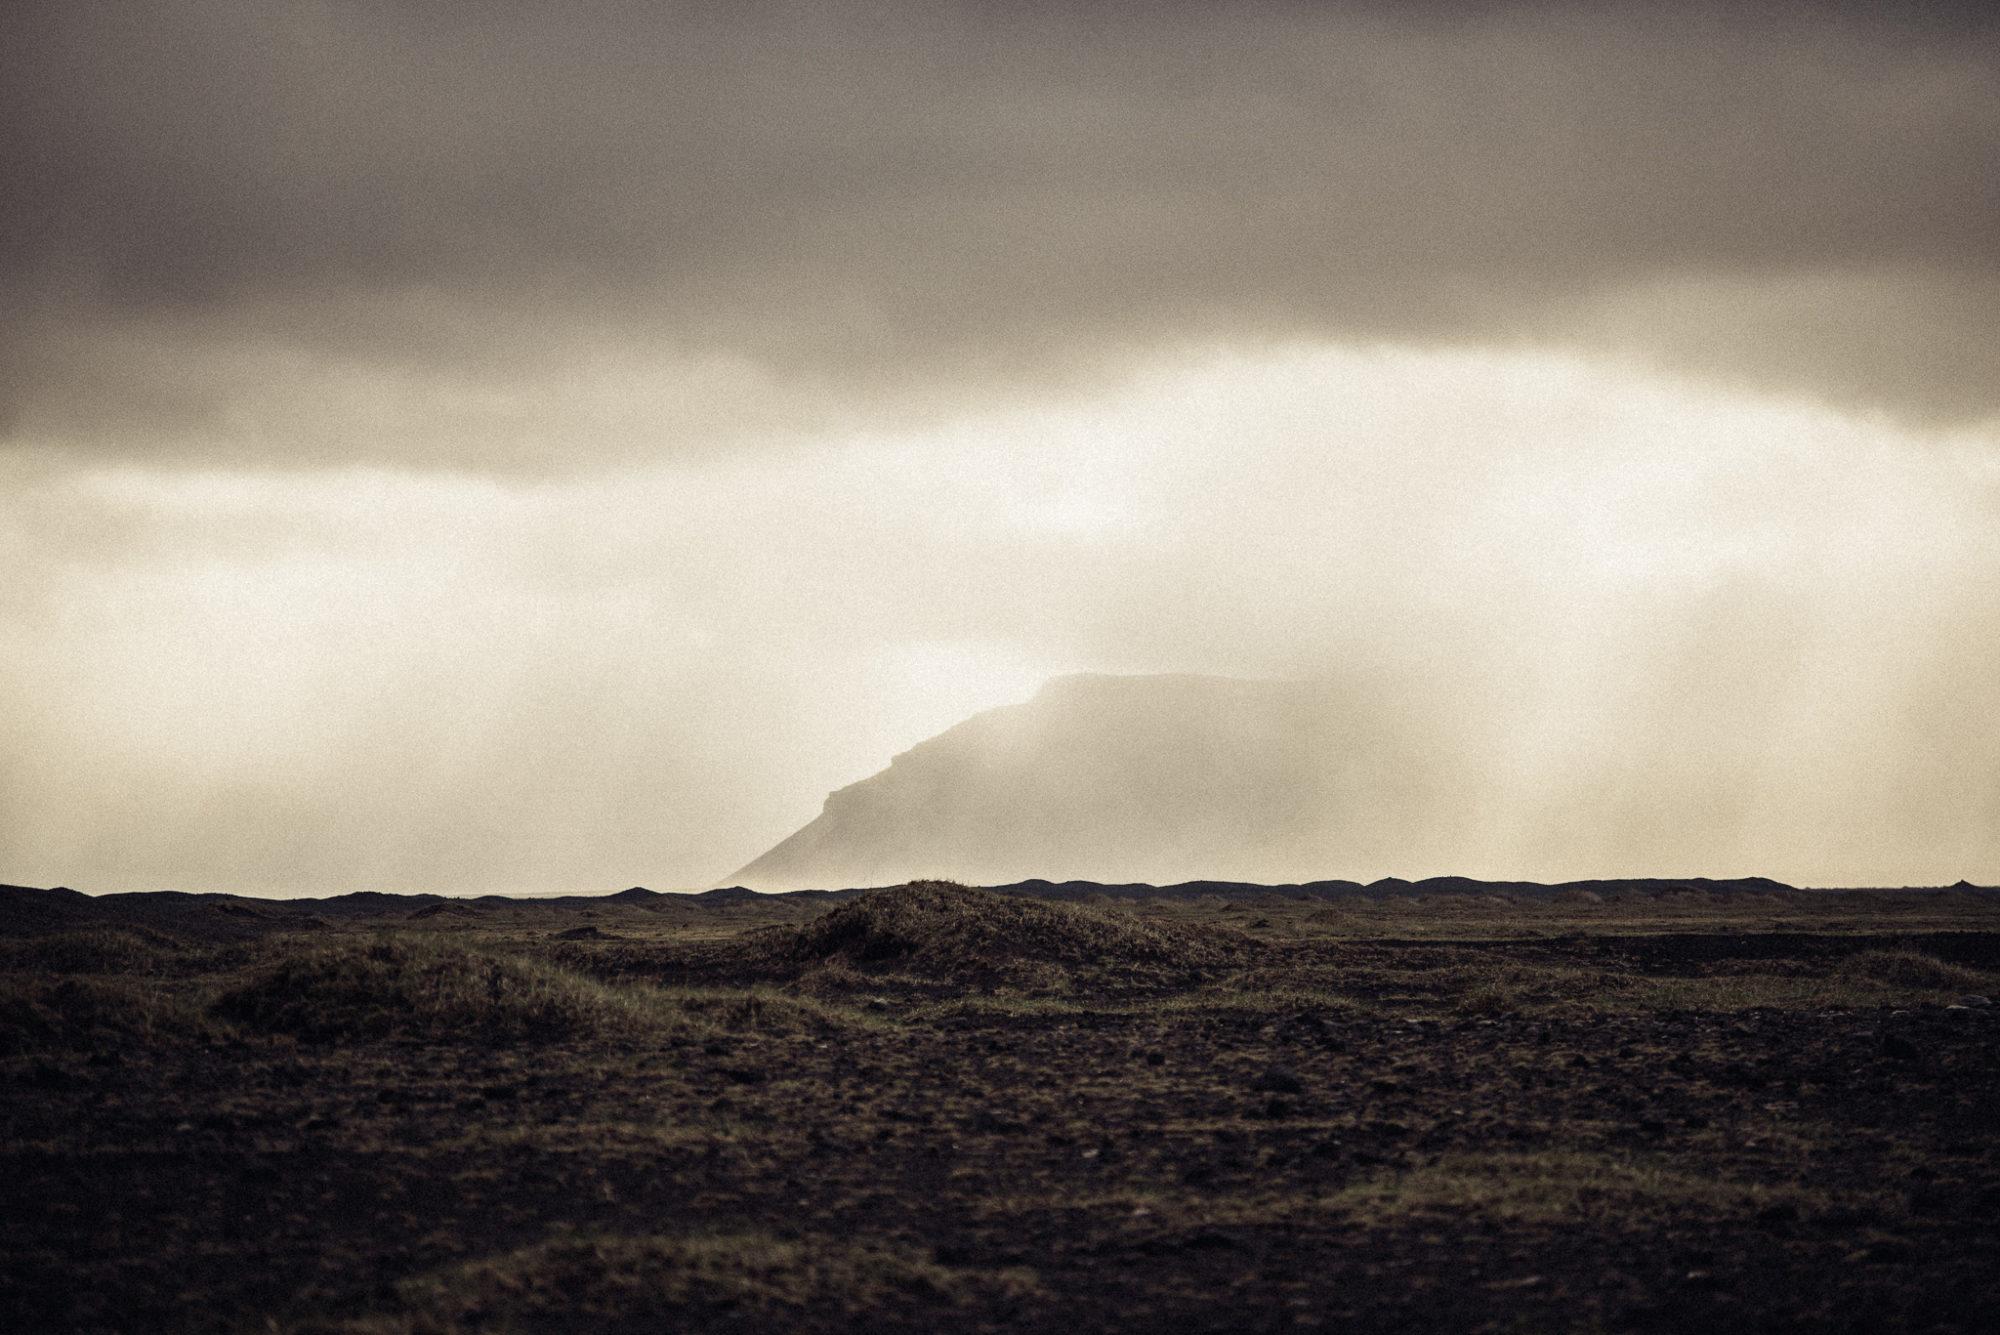 Atemberaubende Landschaft mit Regen Sonne und einem Berg auf Island